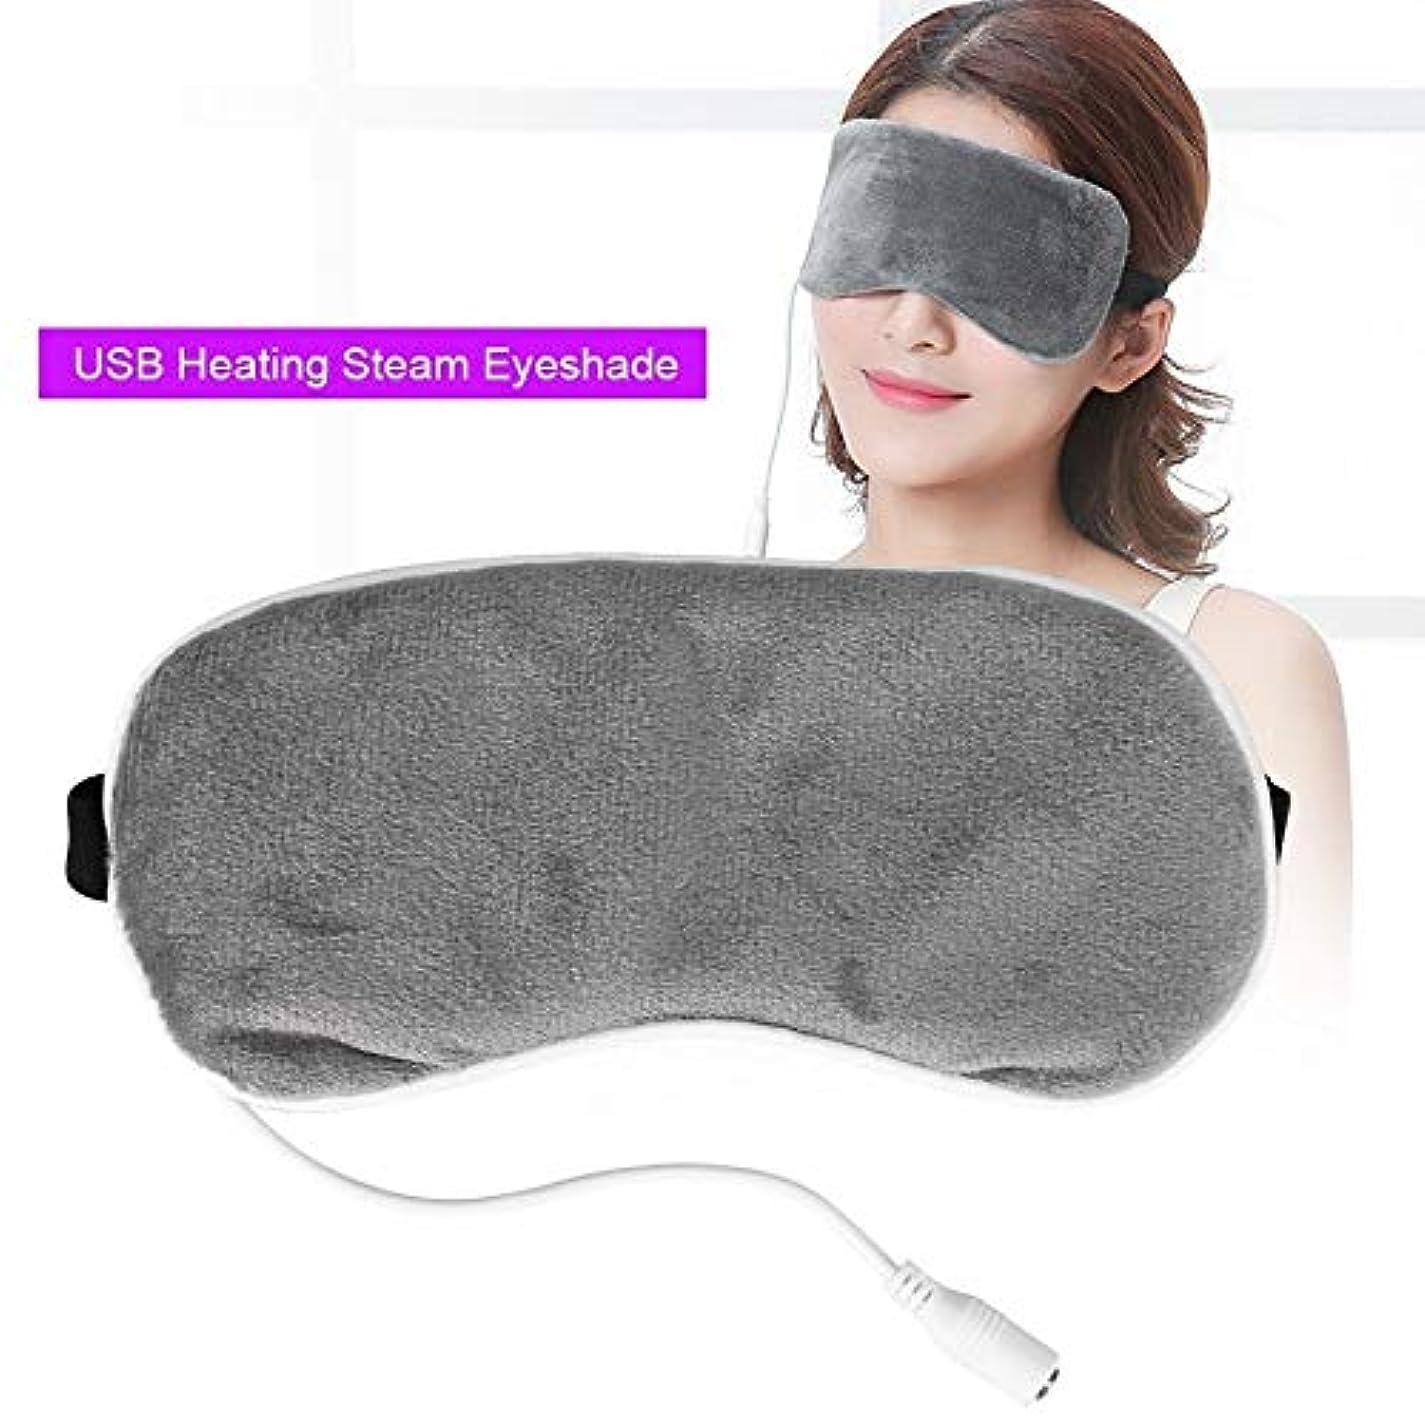 衝動広まった干渉NOTE USB暖房蒸気アイシェードラベンダーアイマスクアンチダークサークルアイパッチアイマッサージャー疲労緩和睡眠旅行アイシェードマスク